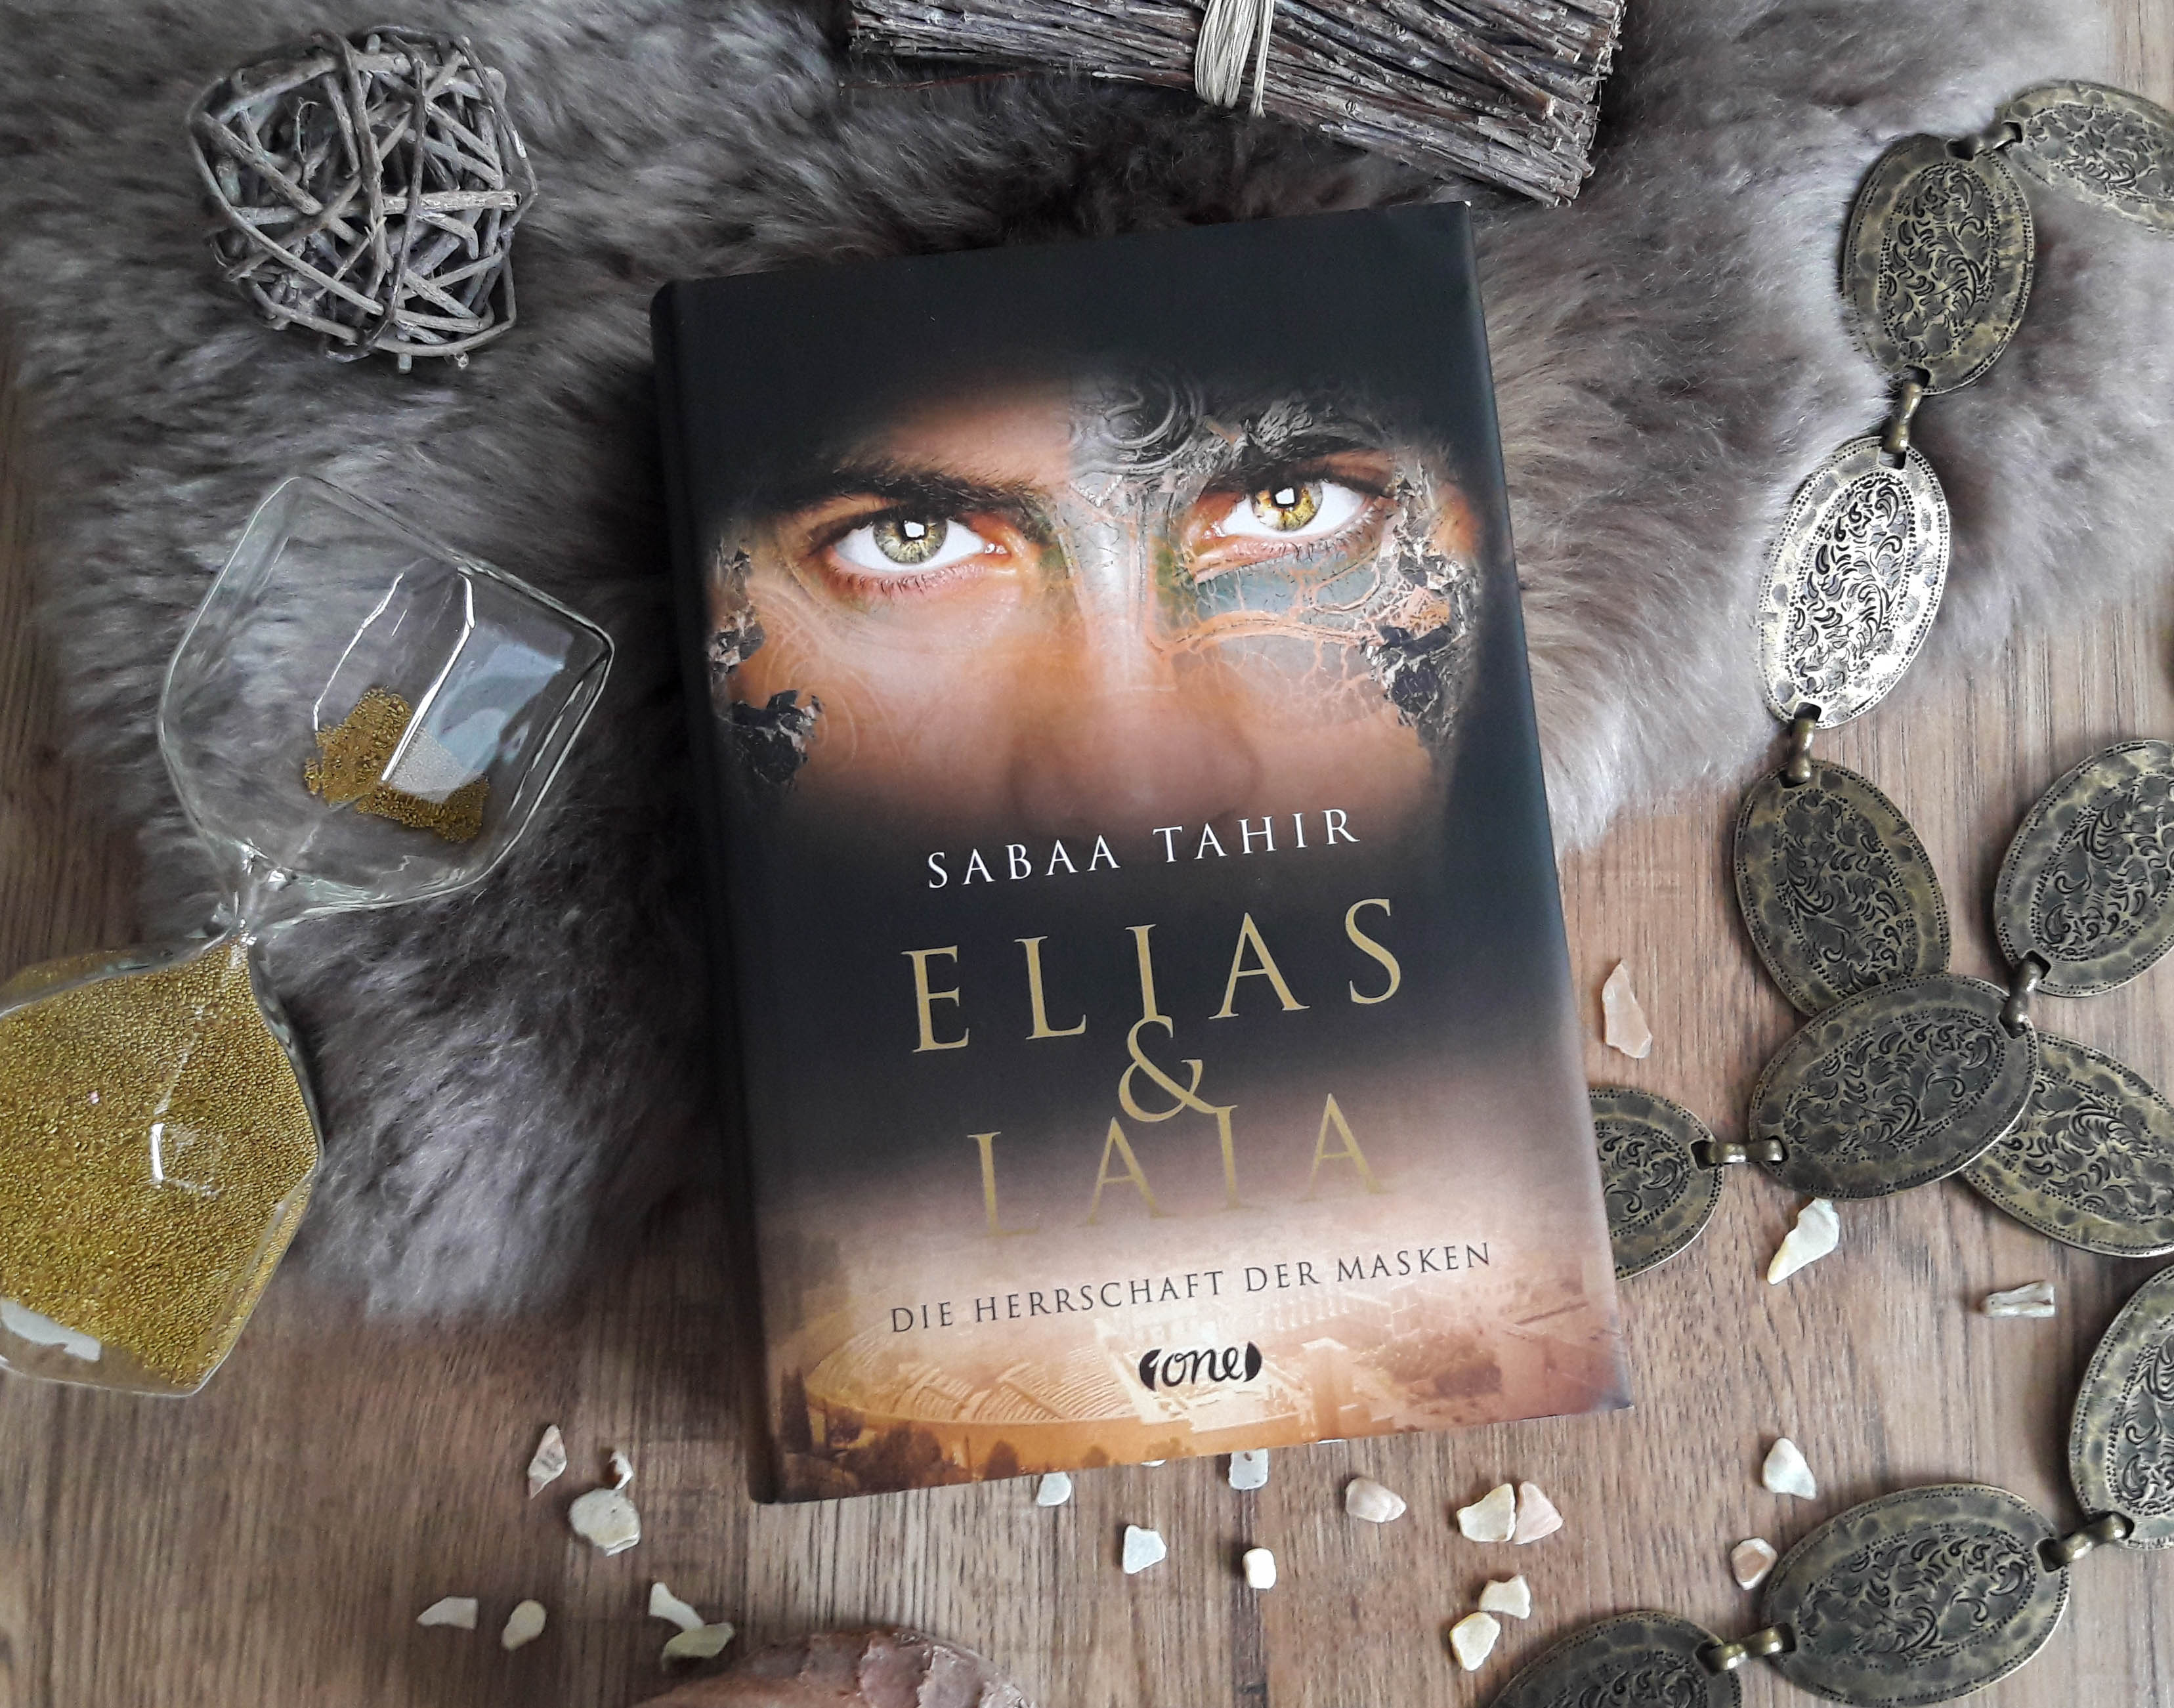 Elias und Laia: Die Herrschaft der Masken – Sabaa Tahir graphic